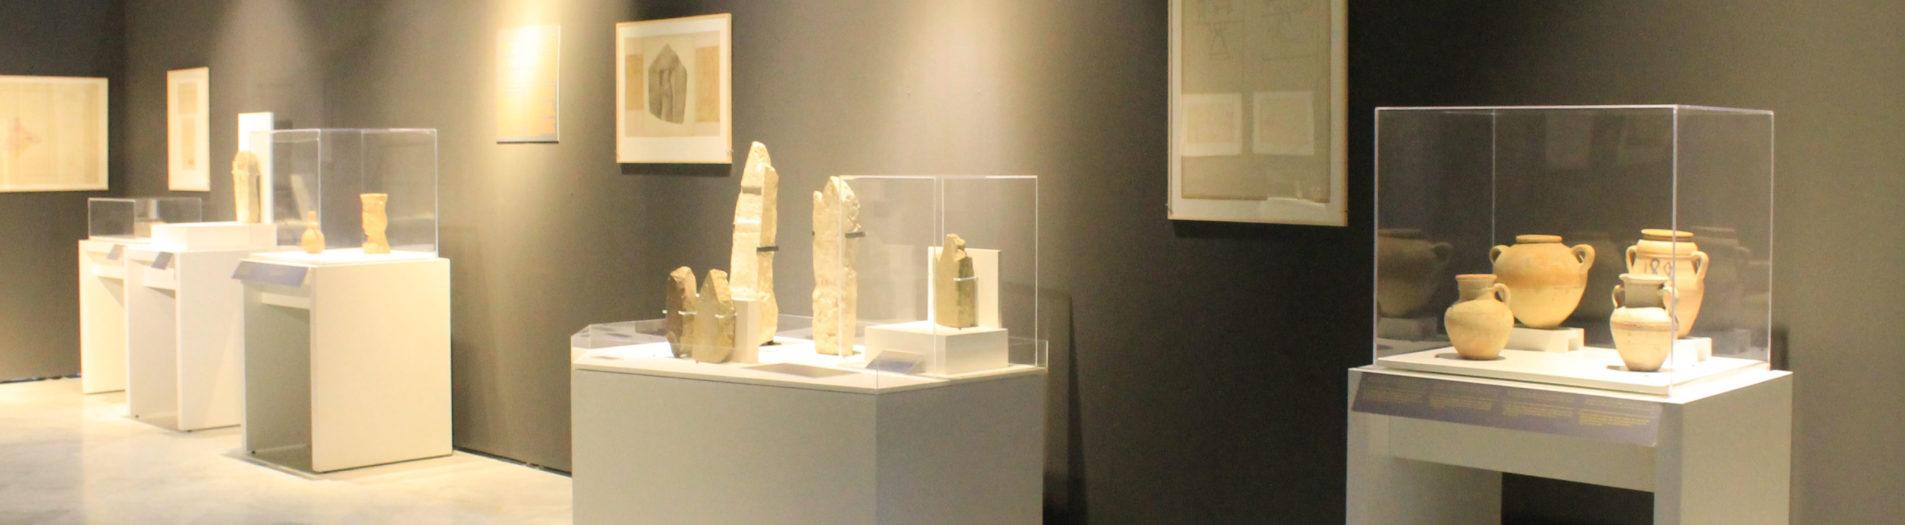 Humbert en Tunisie, au musée du Bardo